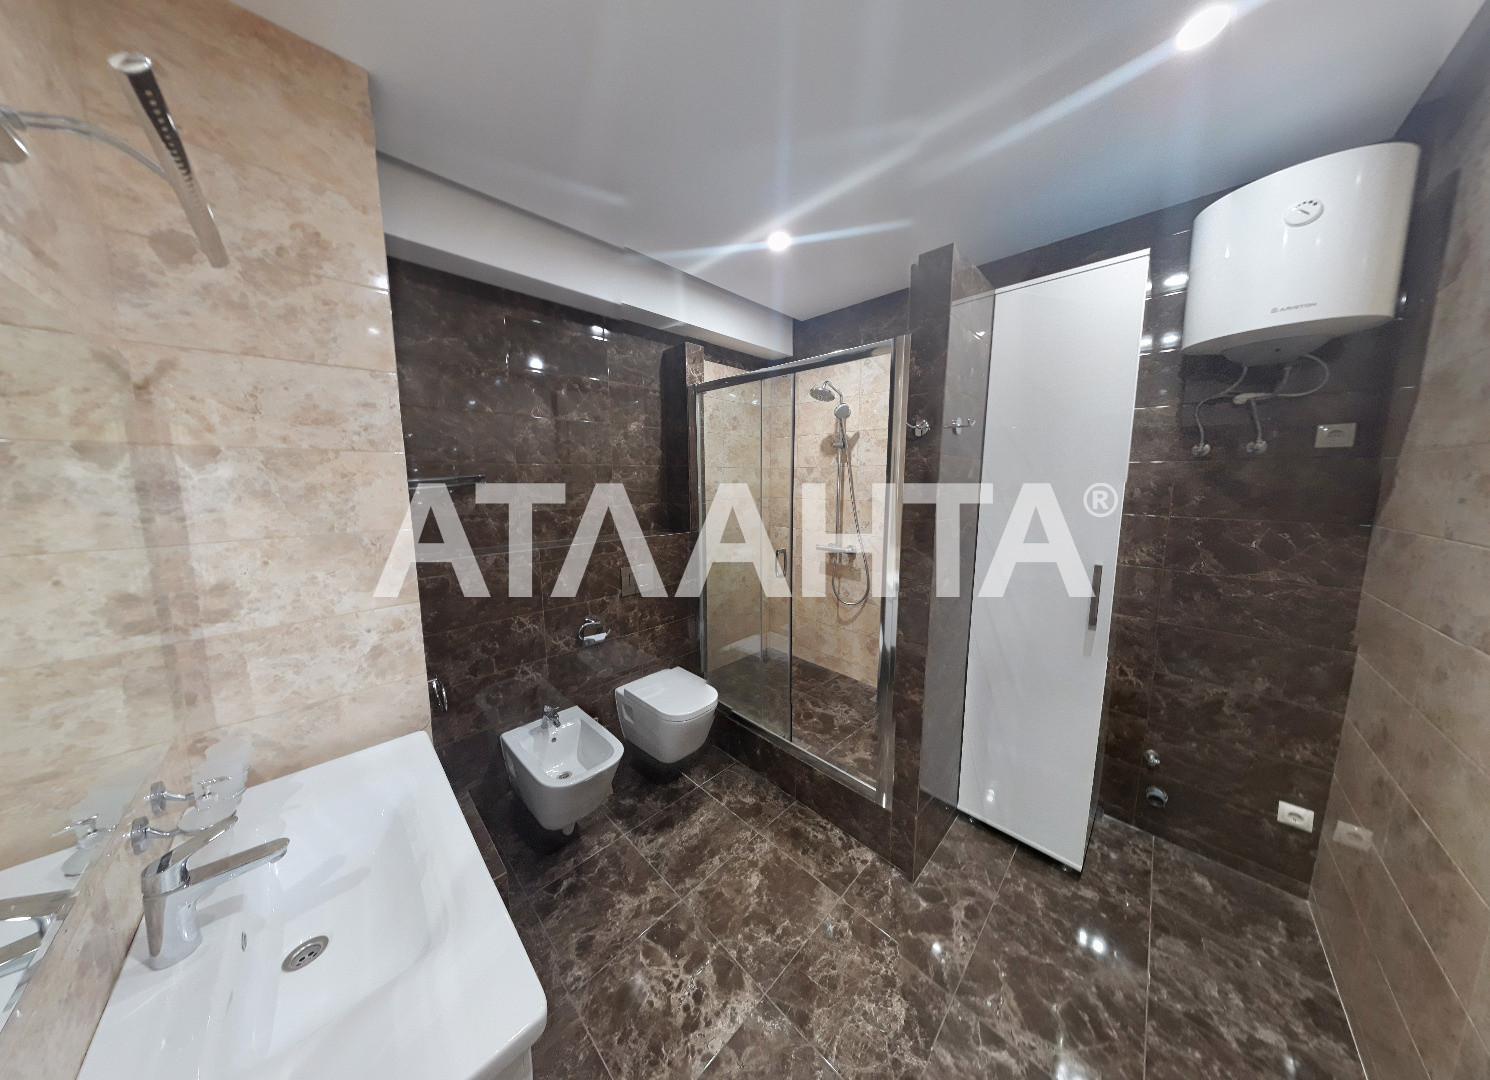 Продается 2-комнатная Квартира на ул. Ул. Луценко Дмитрия — 70 000 у.е. (фото №12)